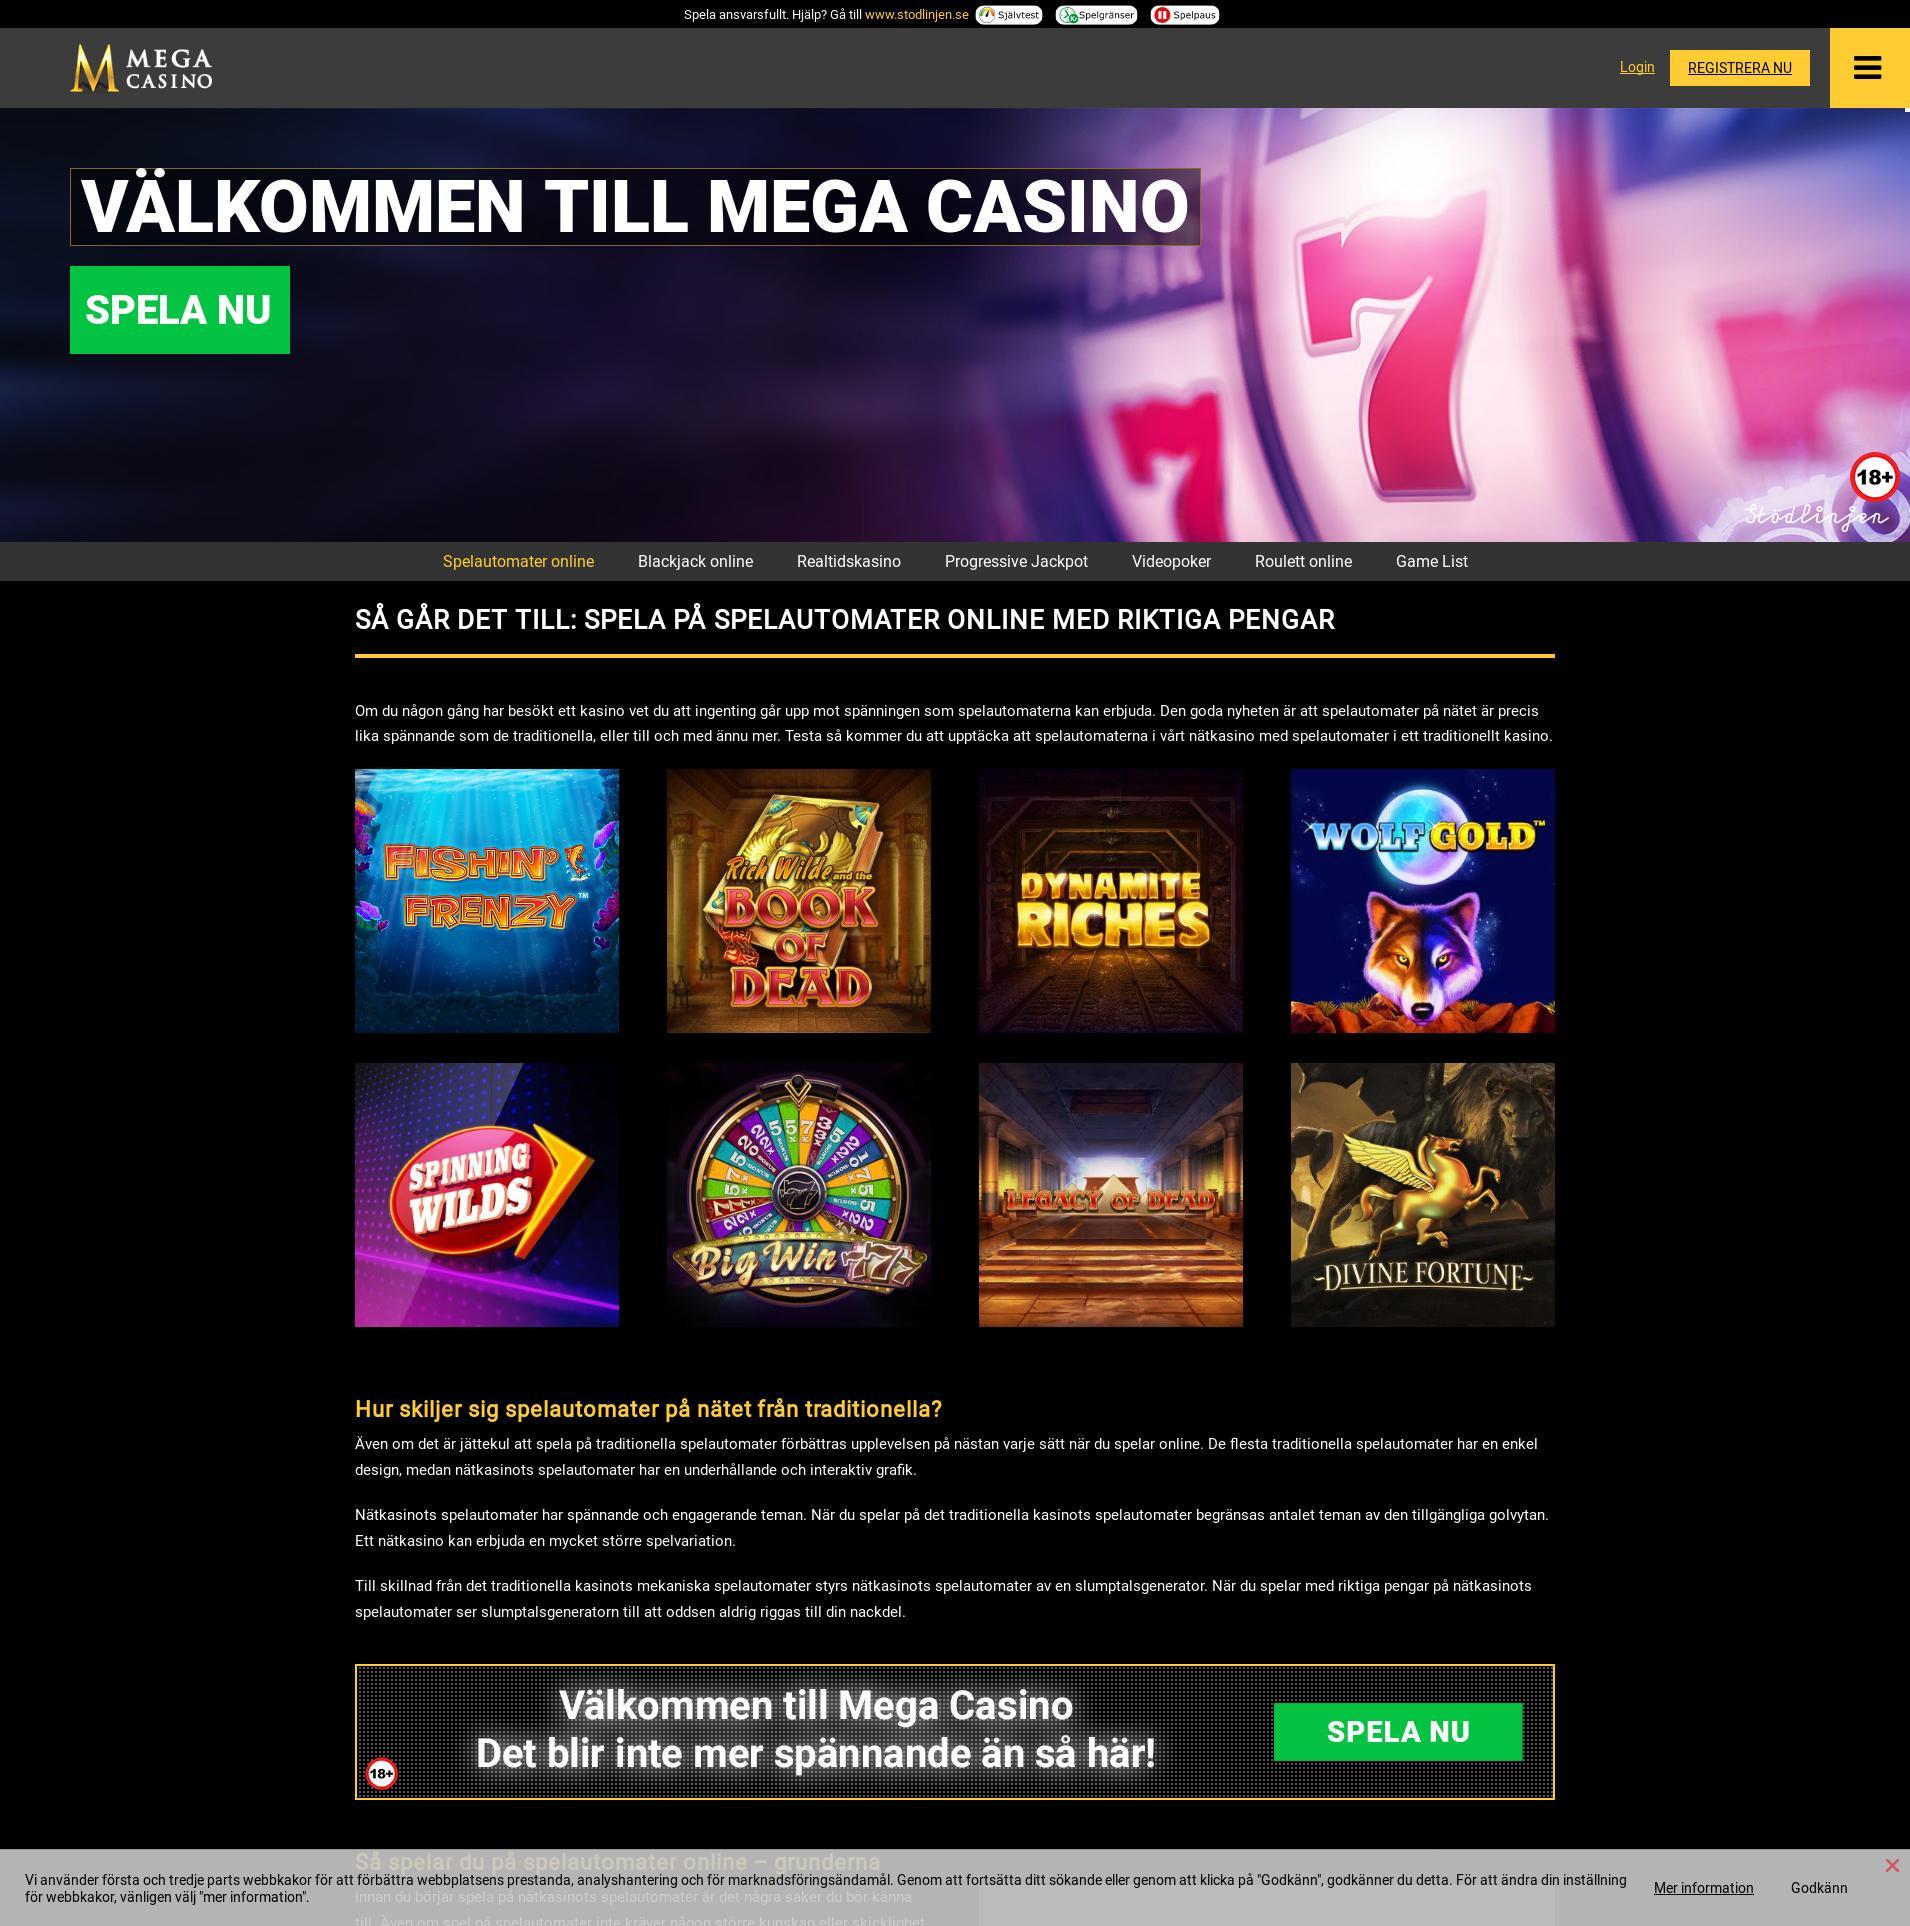 Casino screen Lobby 2020-06-03 for Sweden